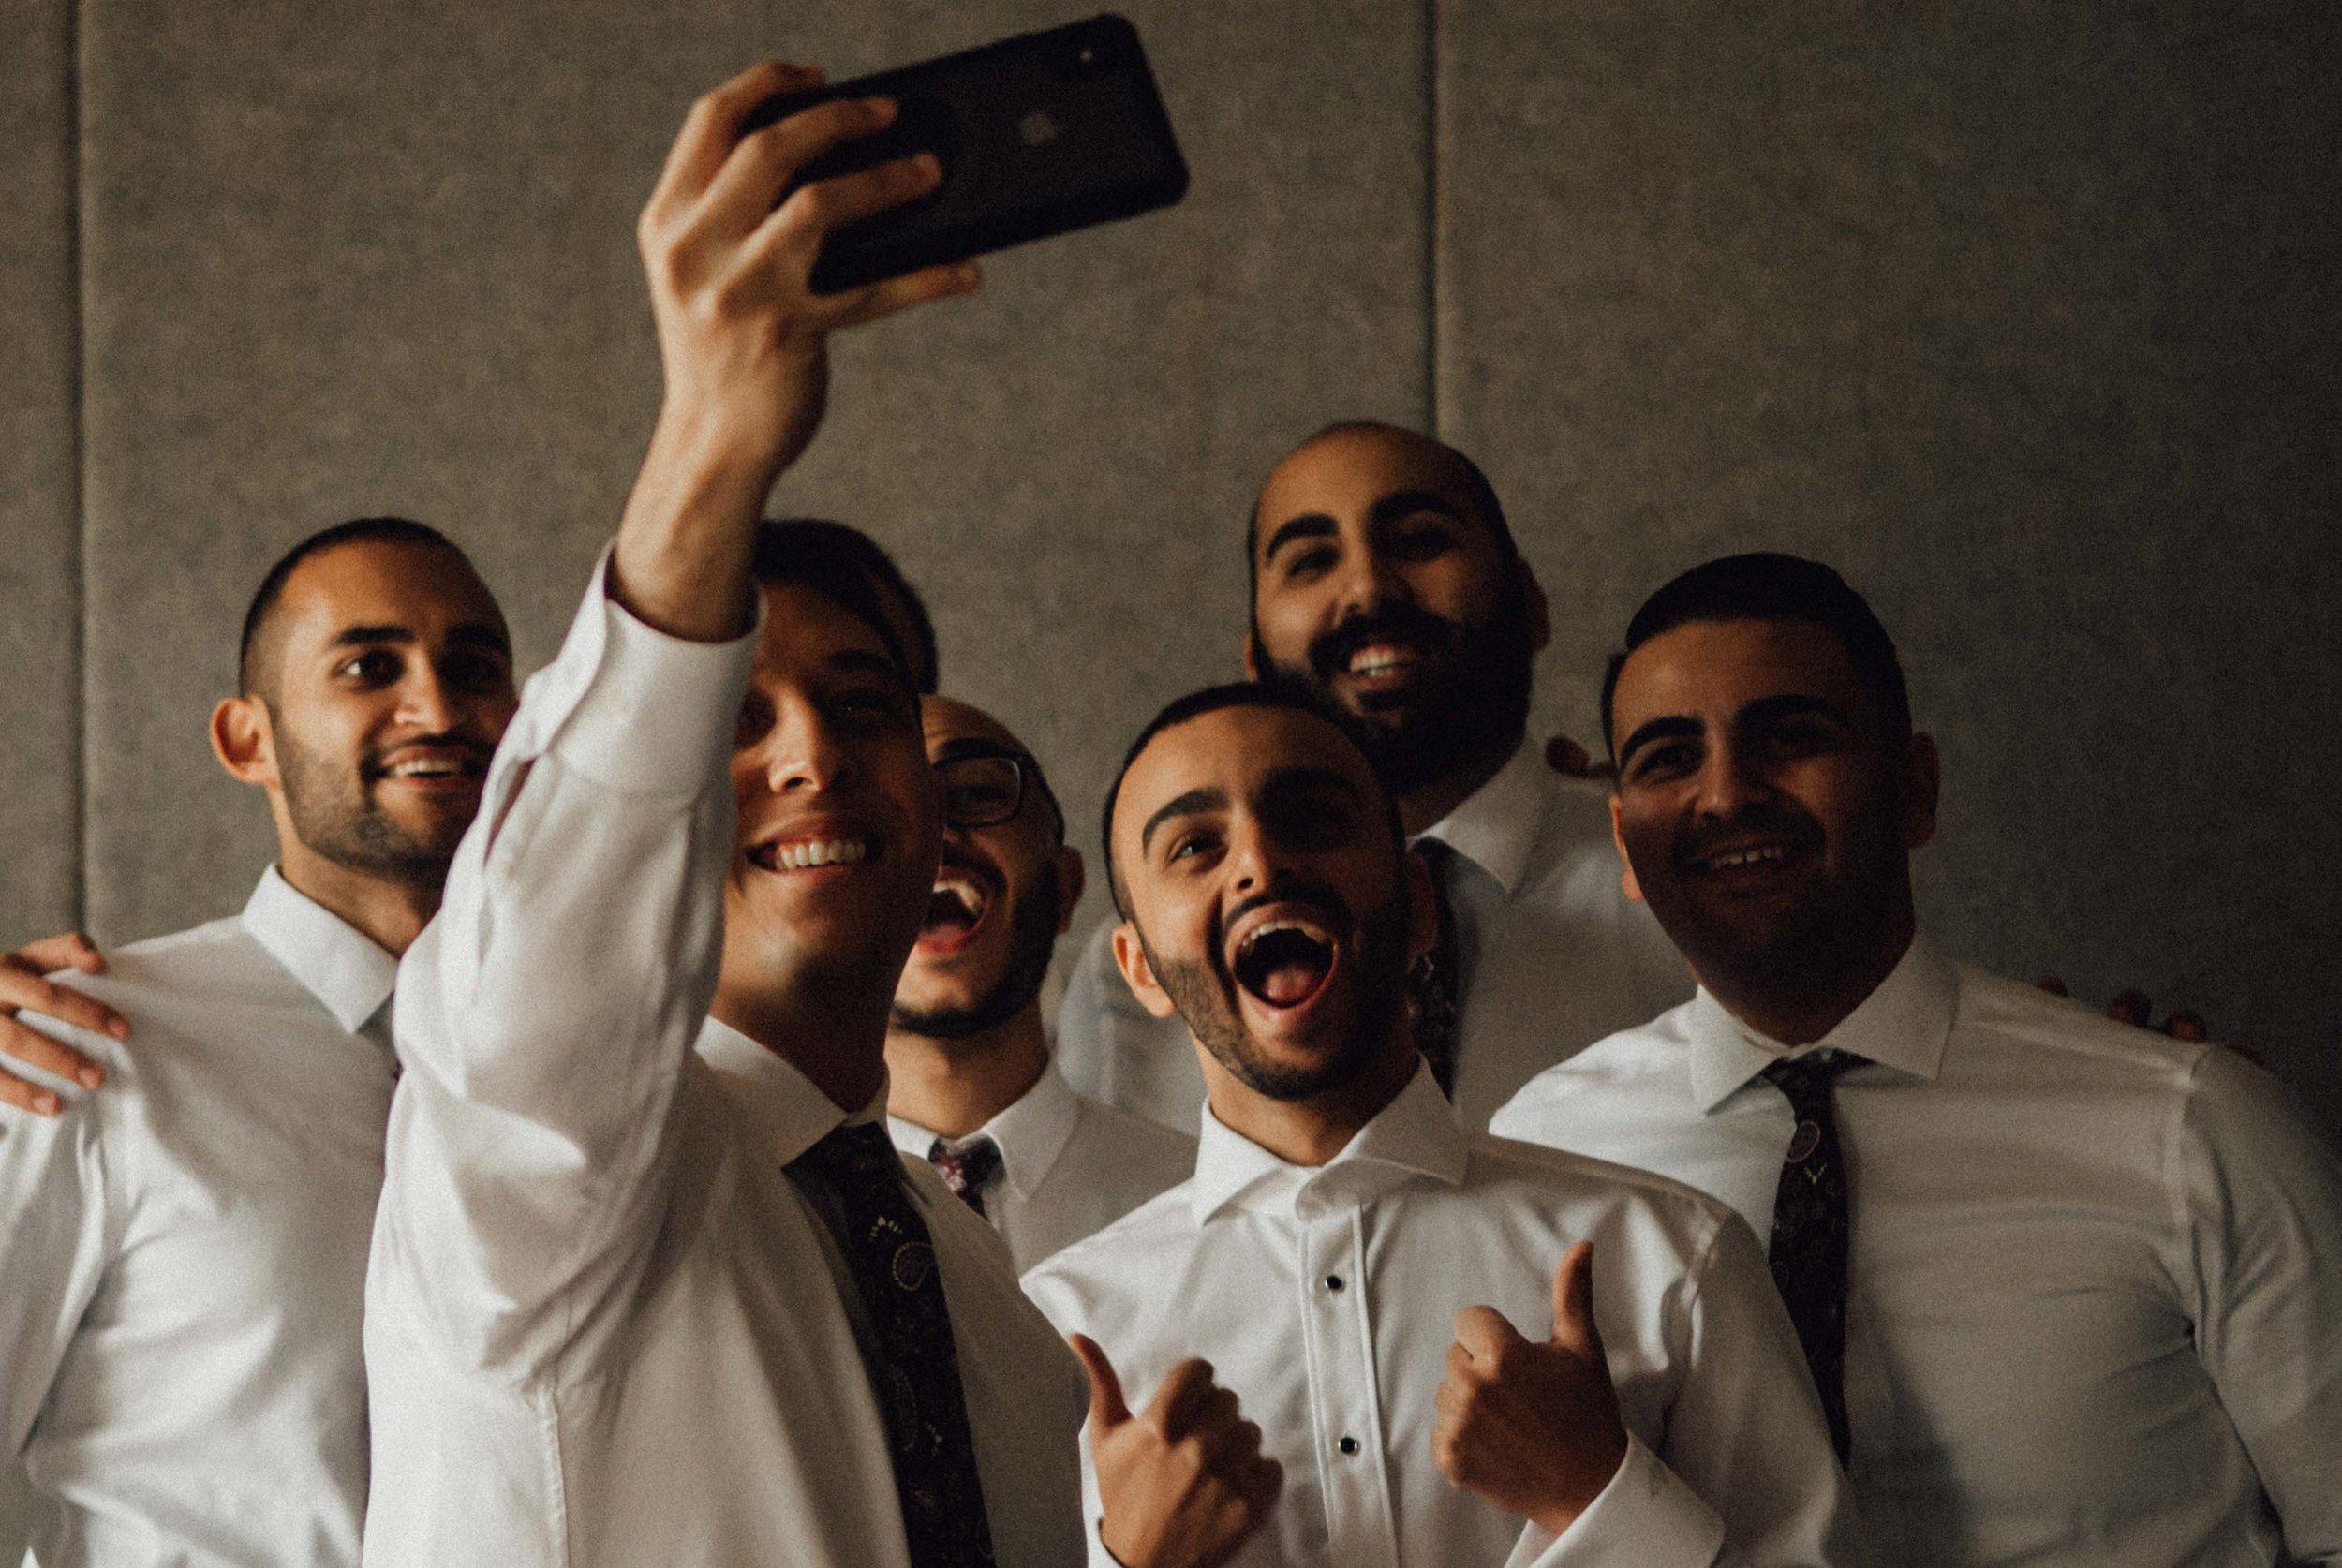 myrtle_beach_south_carolina_wedding_greek_orthodox030.jpg